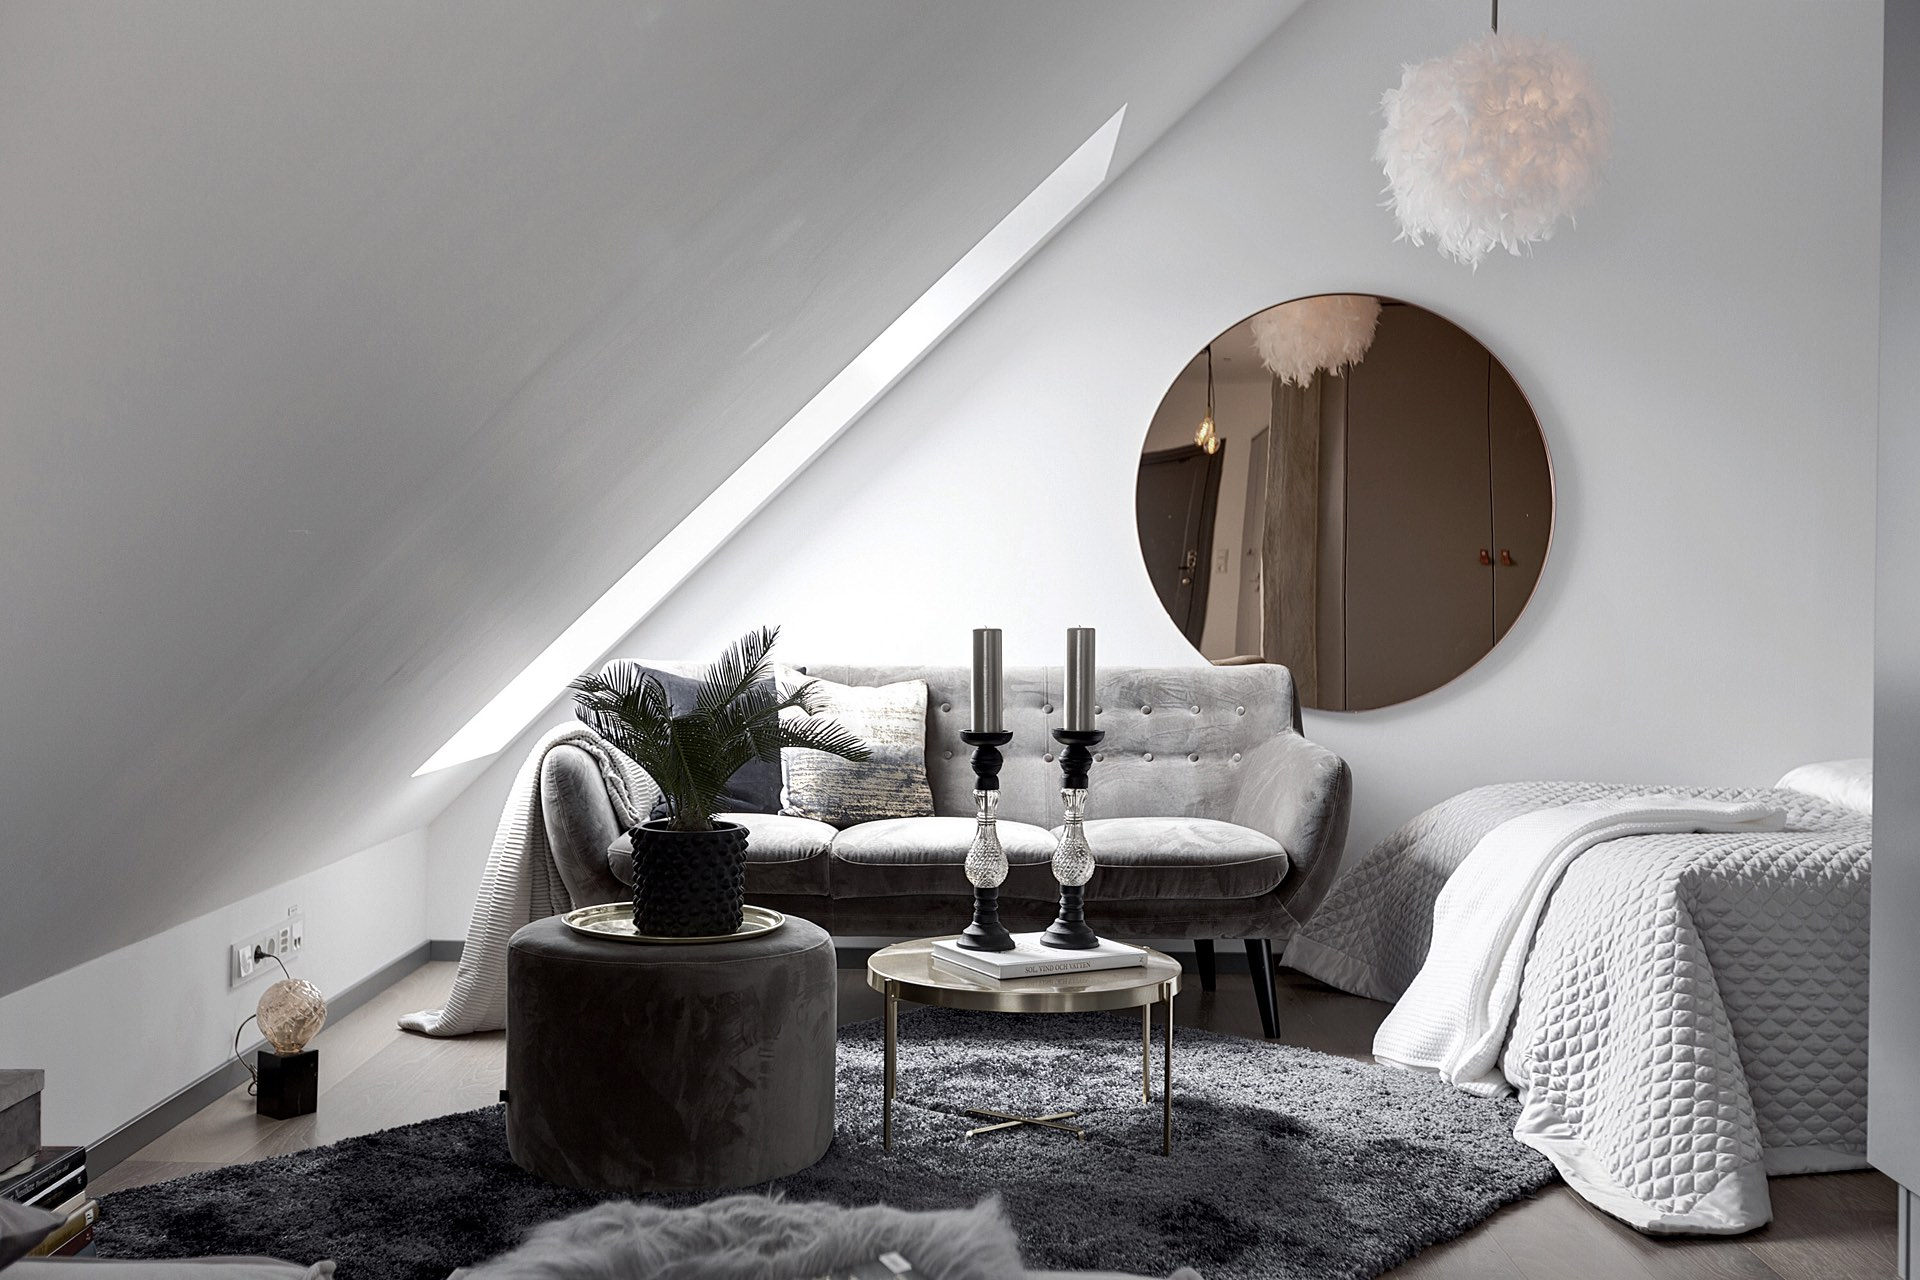 комната диван столик круглое зеркало лампа перья ковер кровать